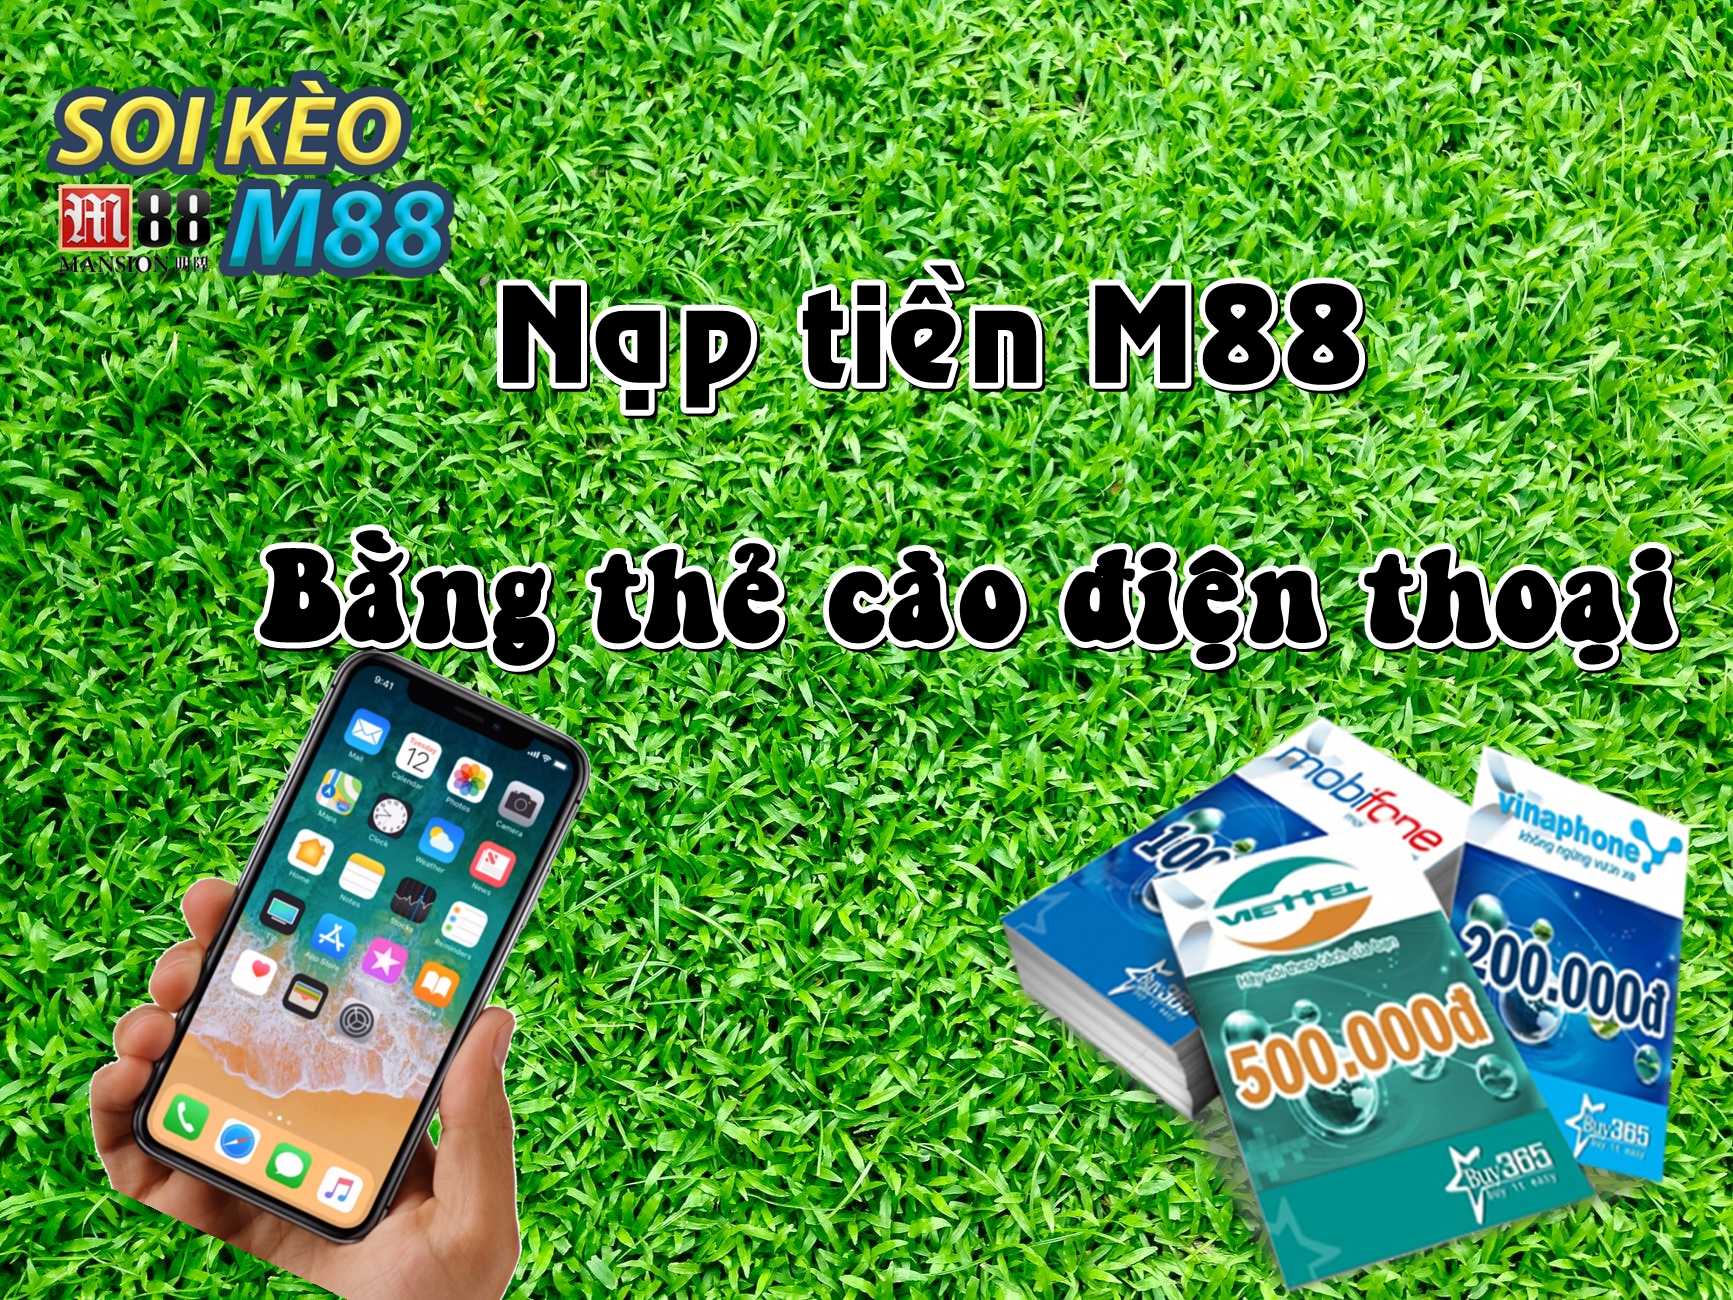 Cách nạp tiền M88 qua thẻ cào điện thoại 1